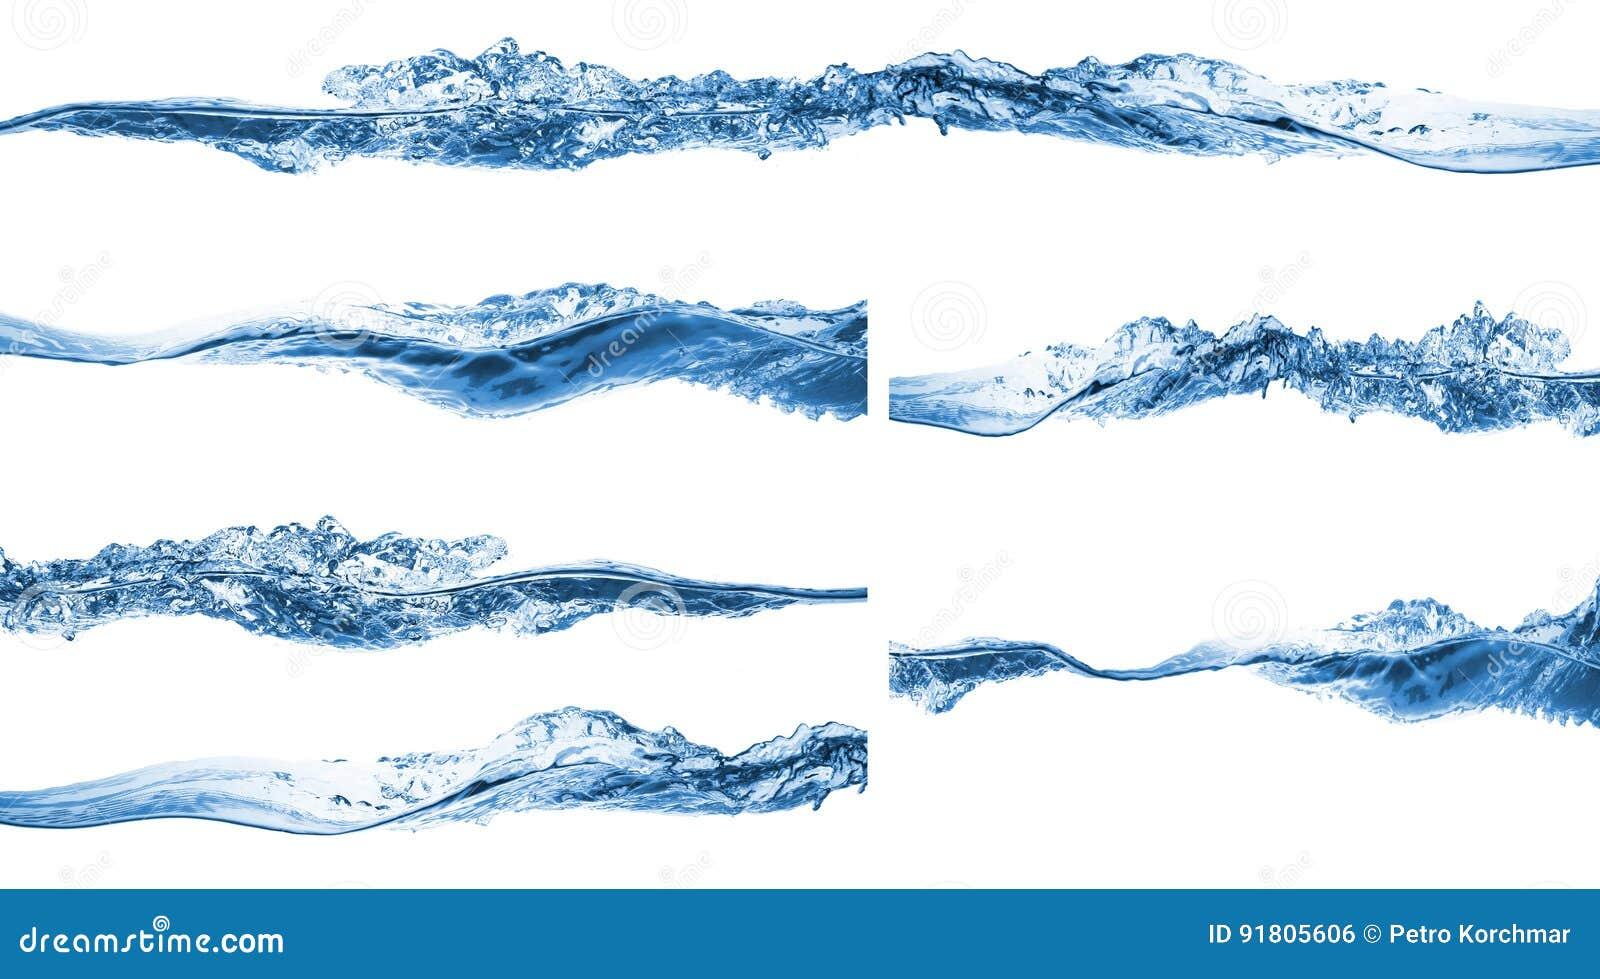 Set of water splashing